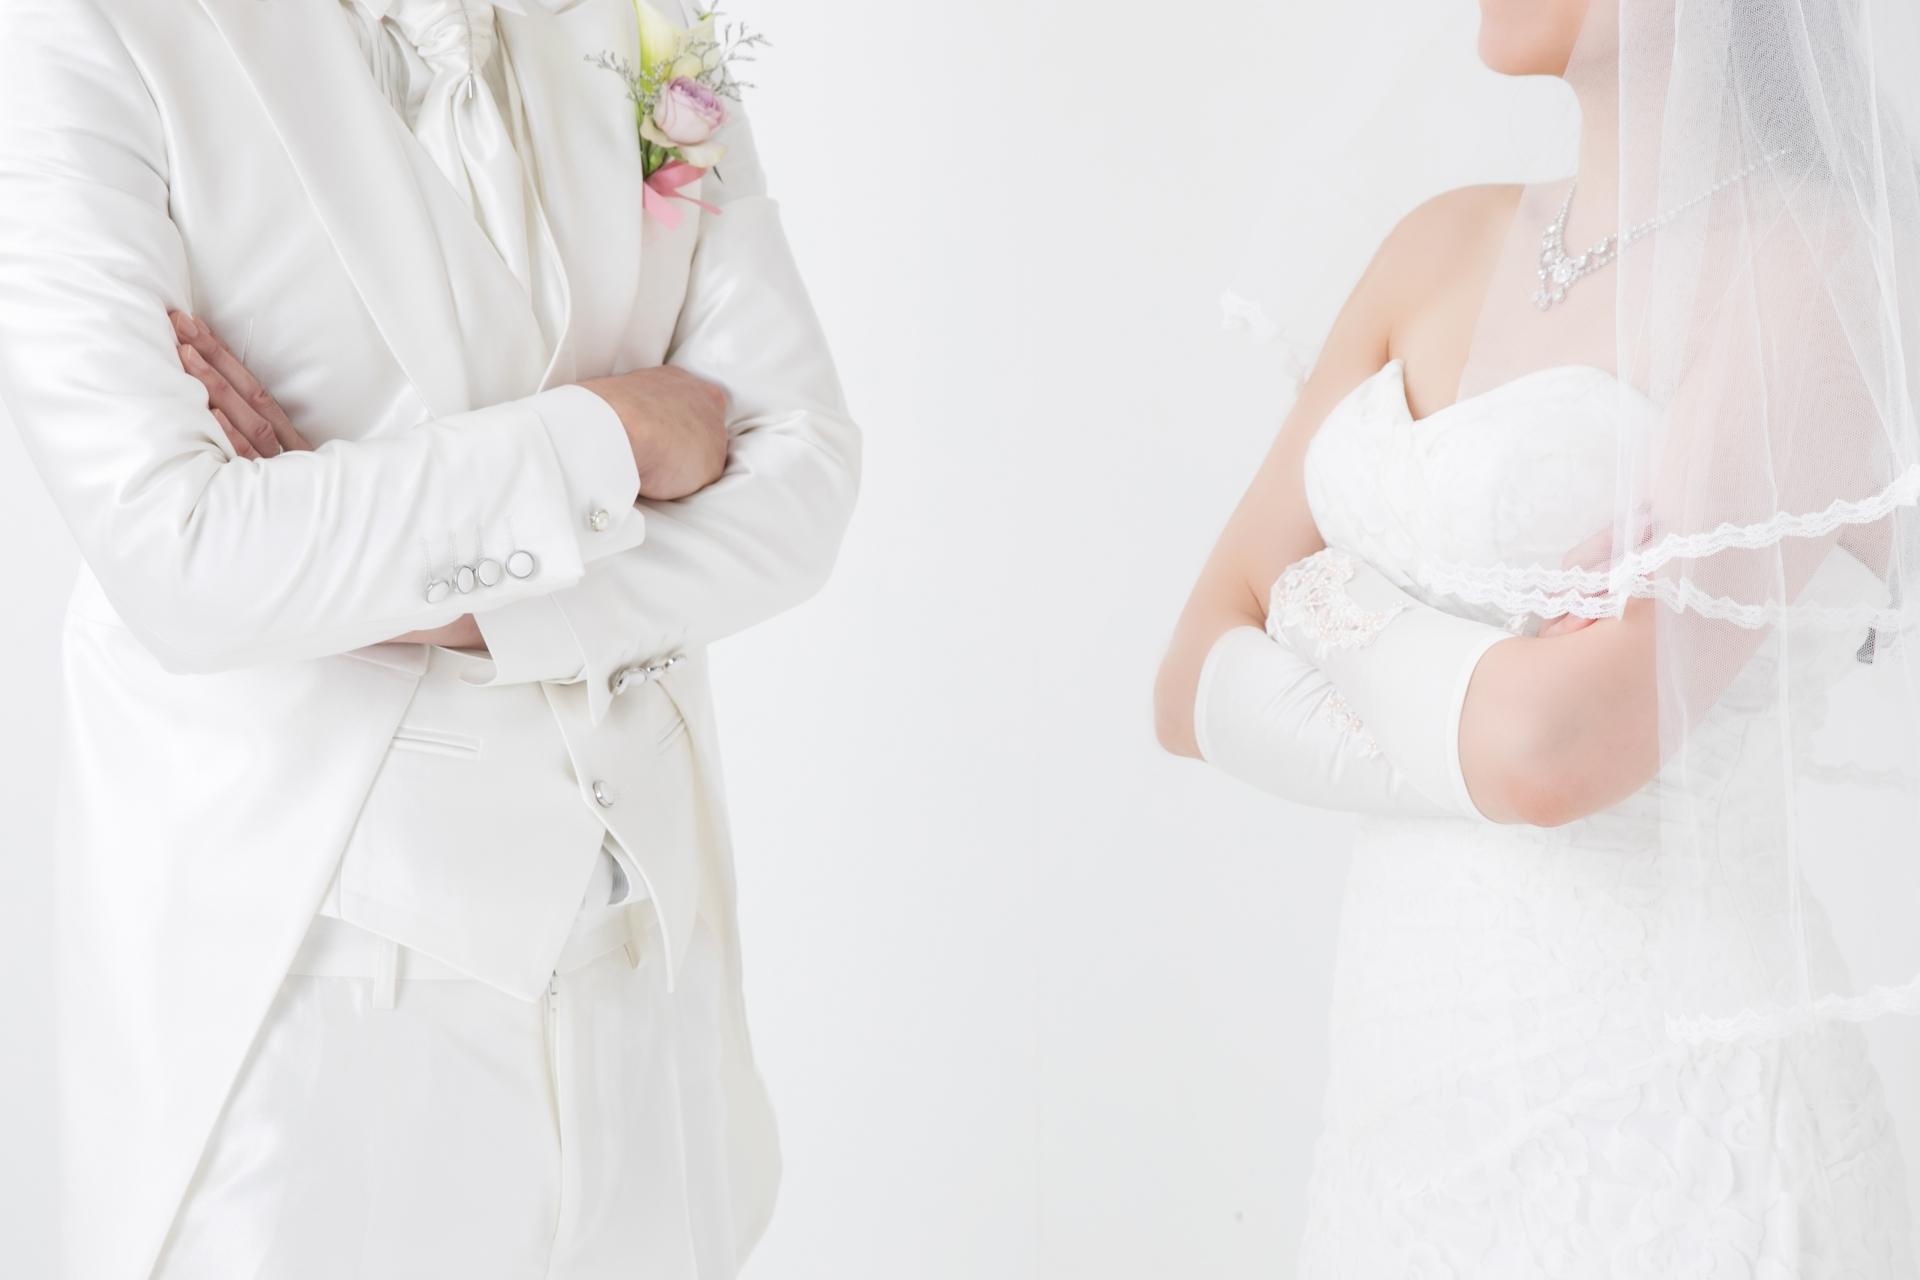 【結婚式】結婚式直前に二人の仲が険悪に!気持ちよく結婚式当日を迎える対処方法は?